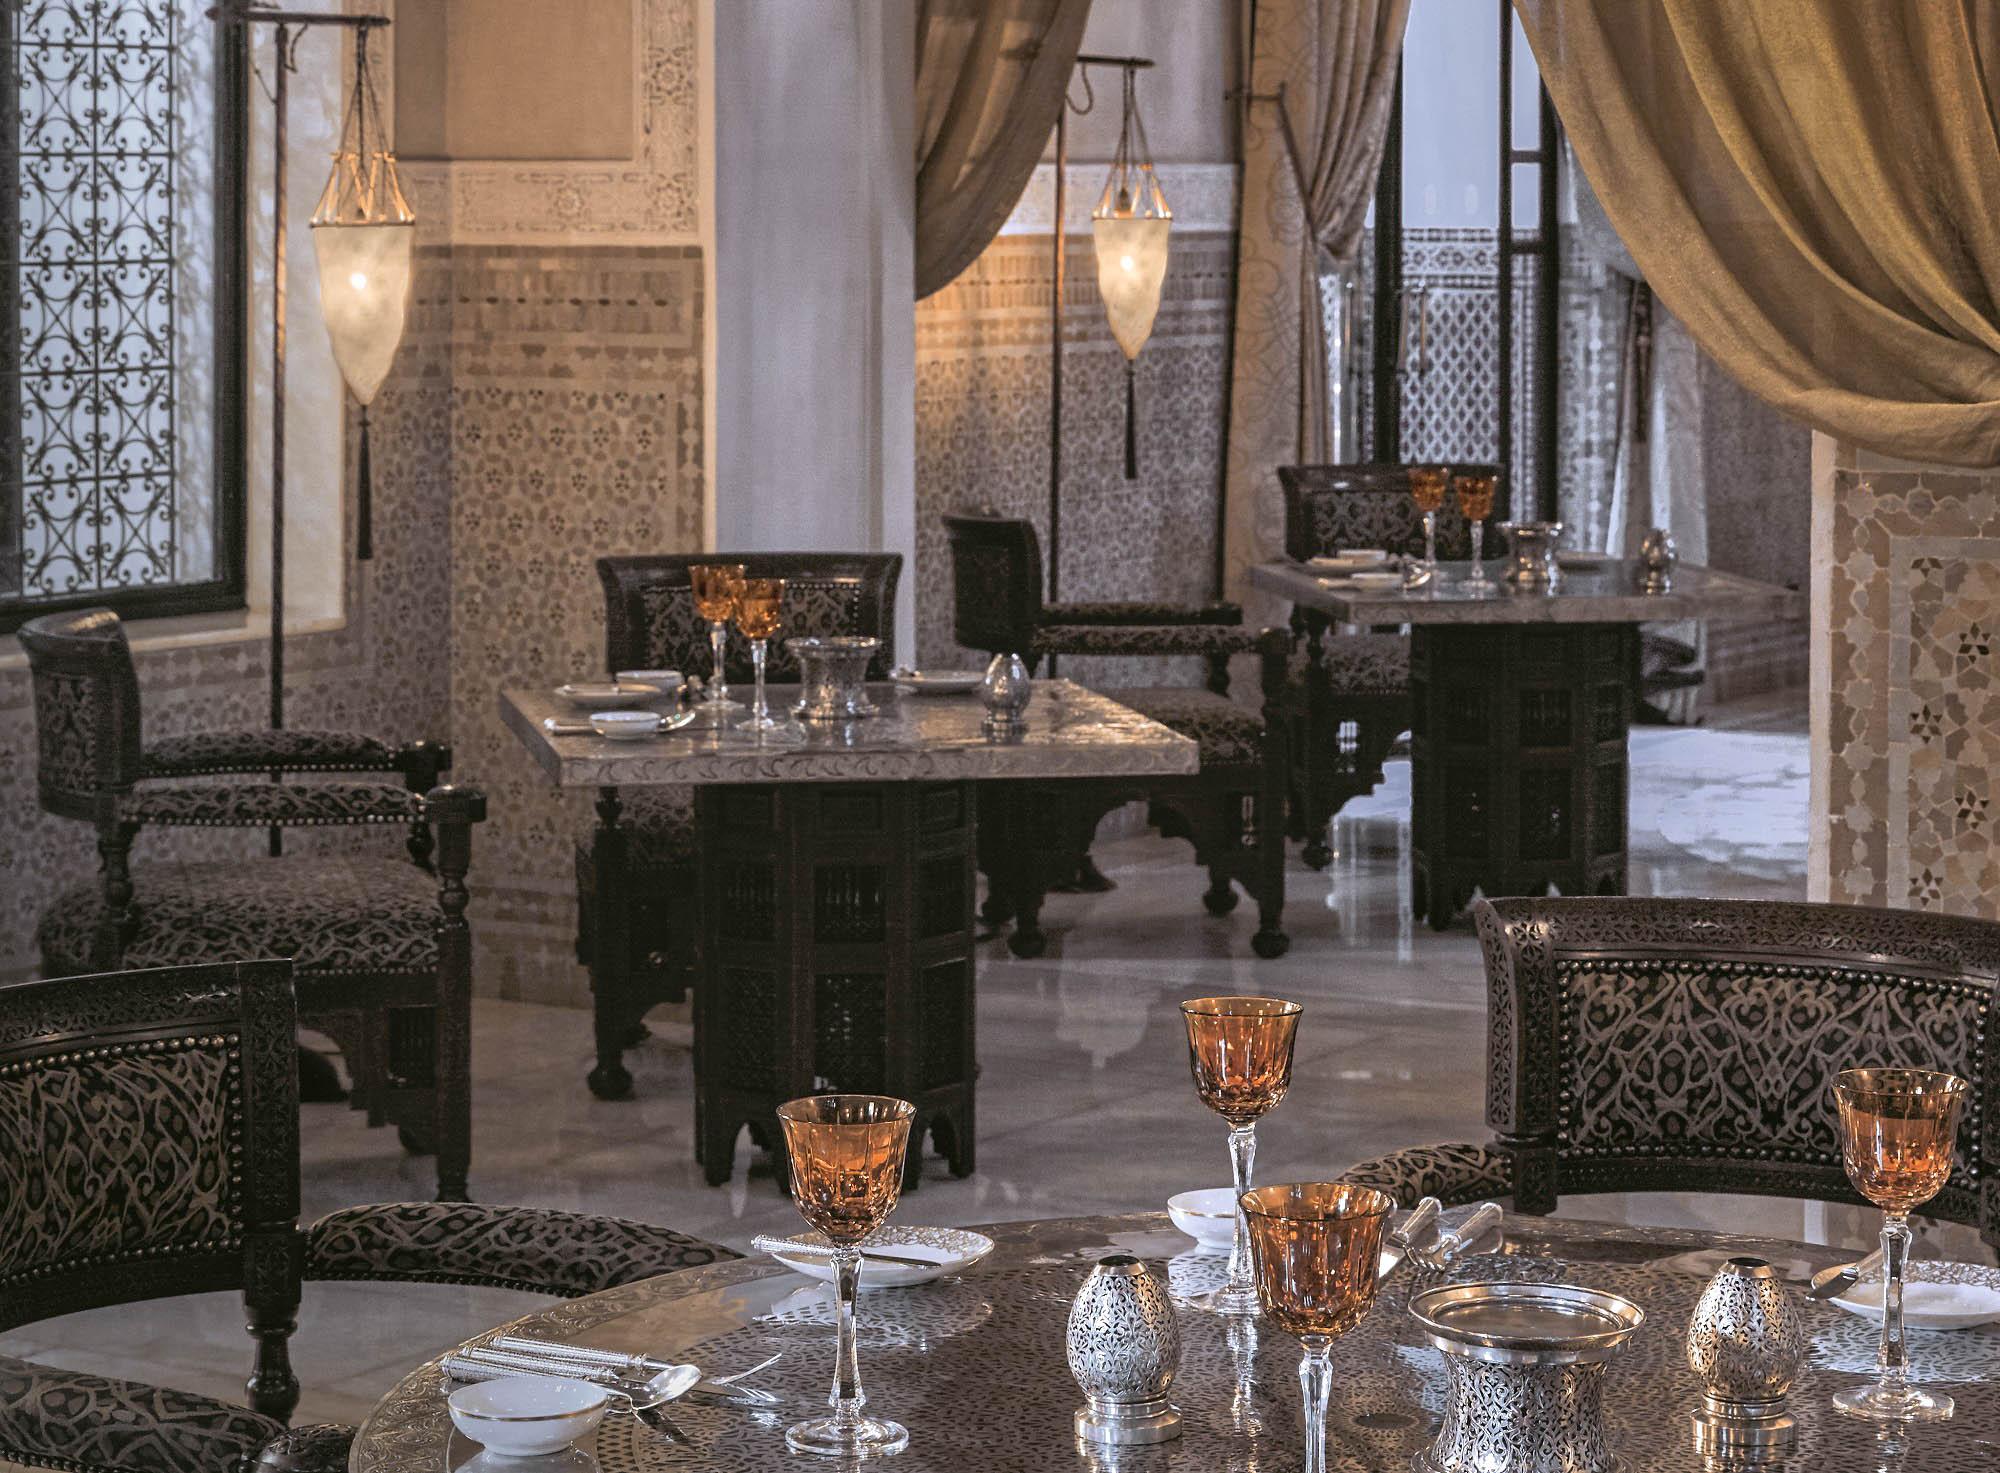 Marrakech Decoration D Interieur la table marocaine - royal mansour marrakech